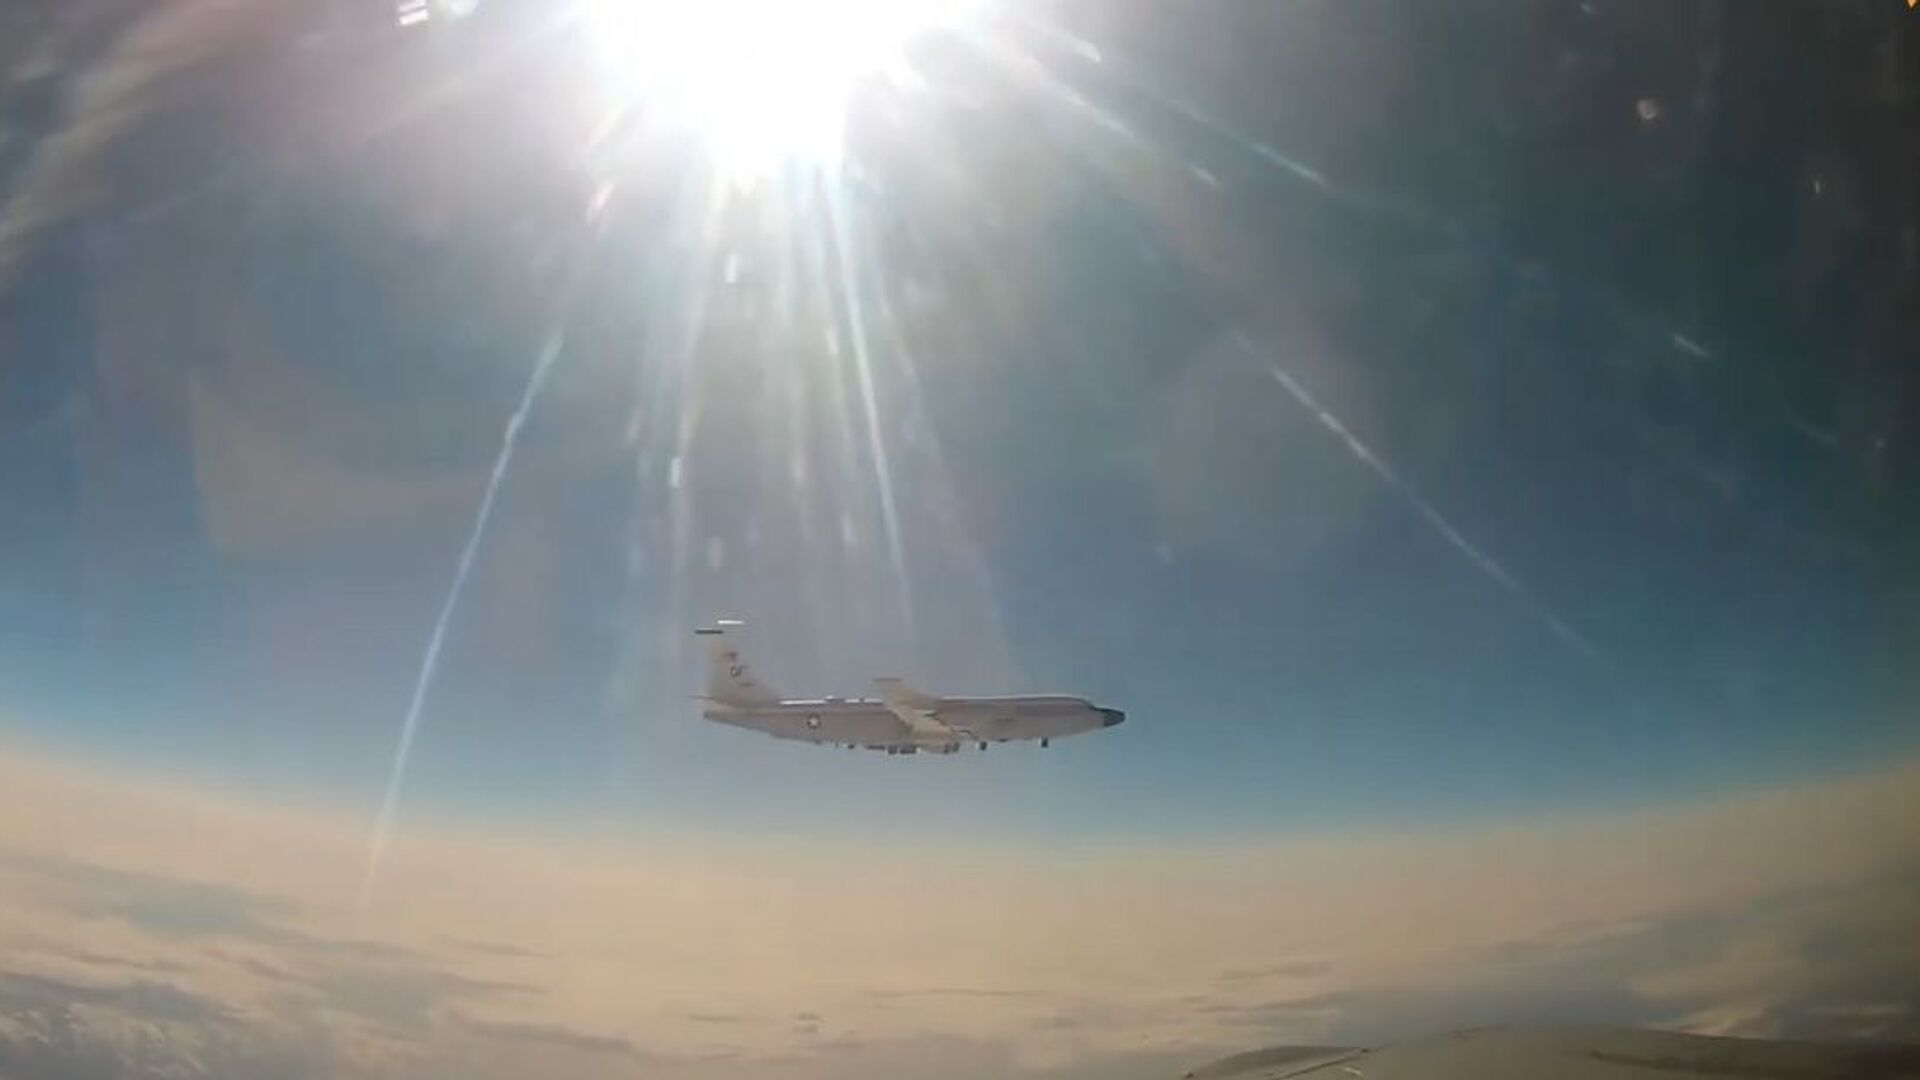 MiG-31 intercetta aereo da ricognizione americano sull'Oceano Pacifico - Sputnik Italia, 1920, 23.04.2021